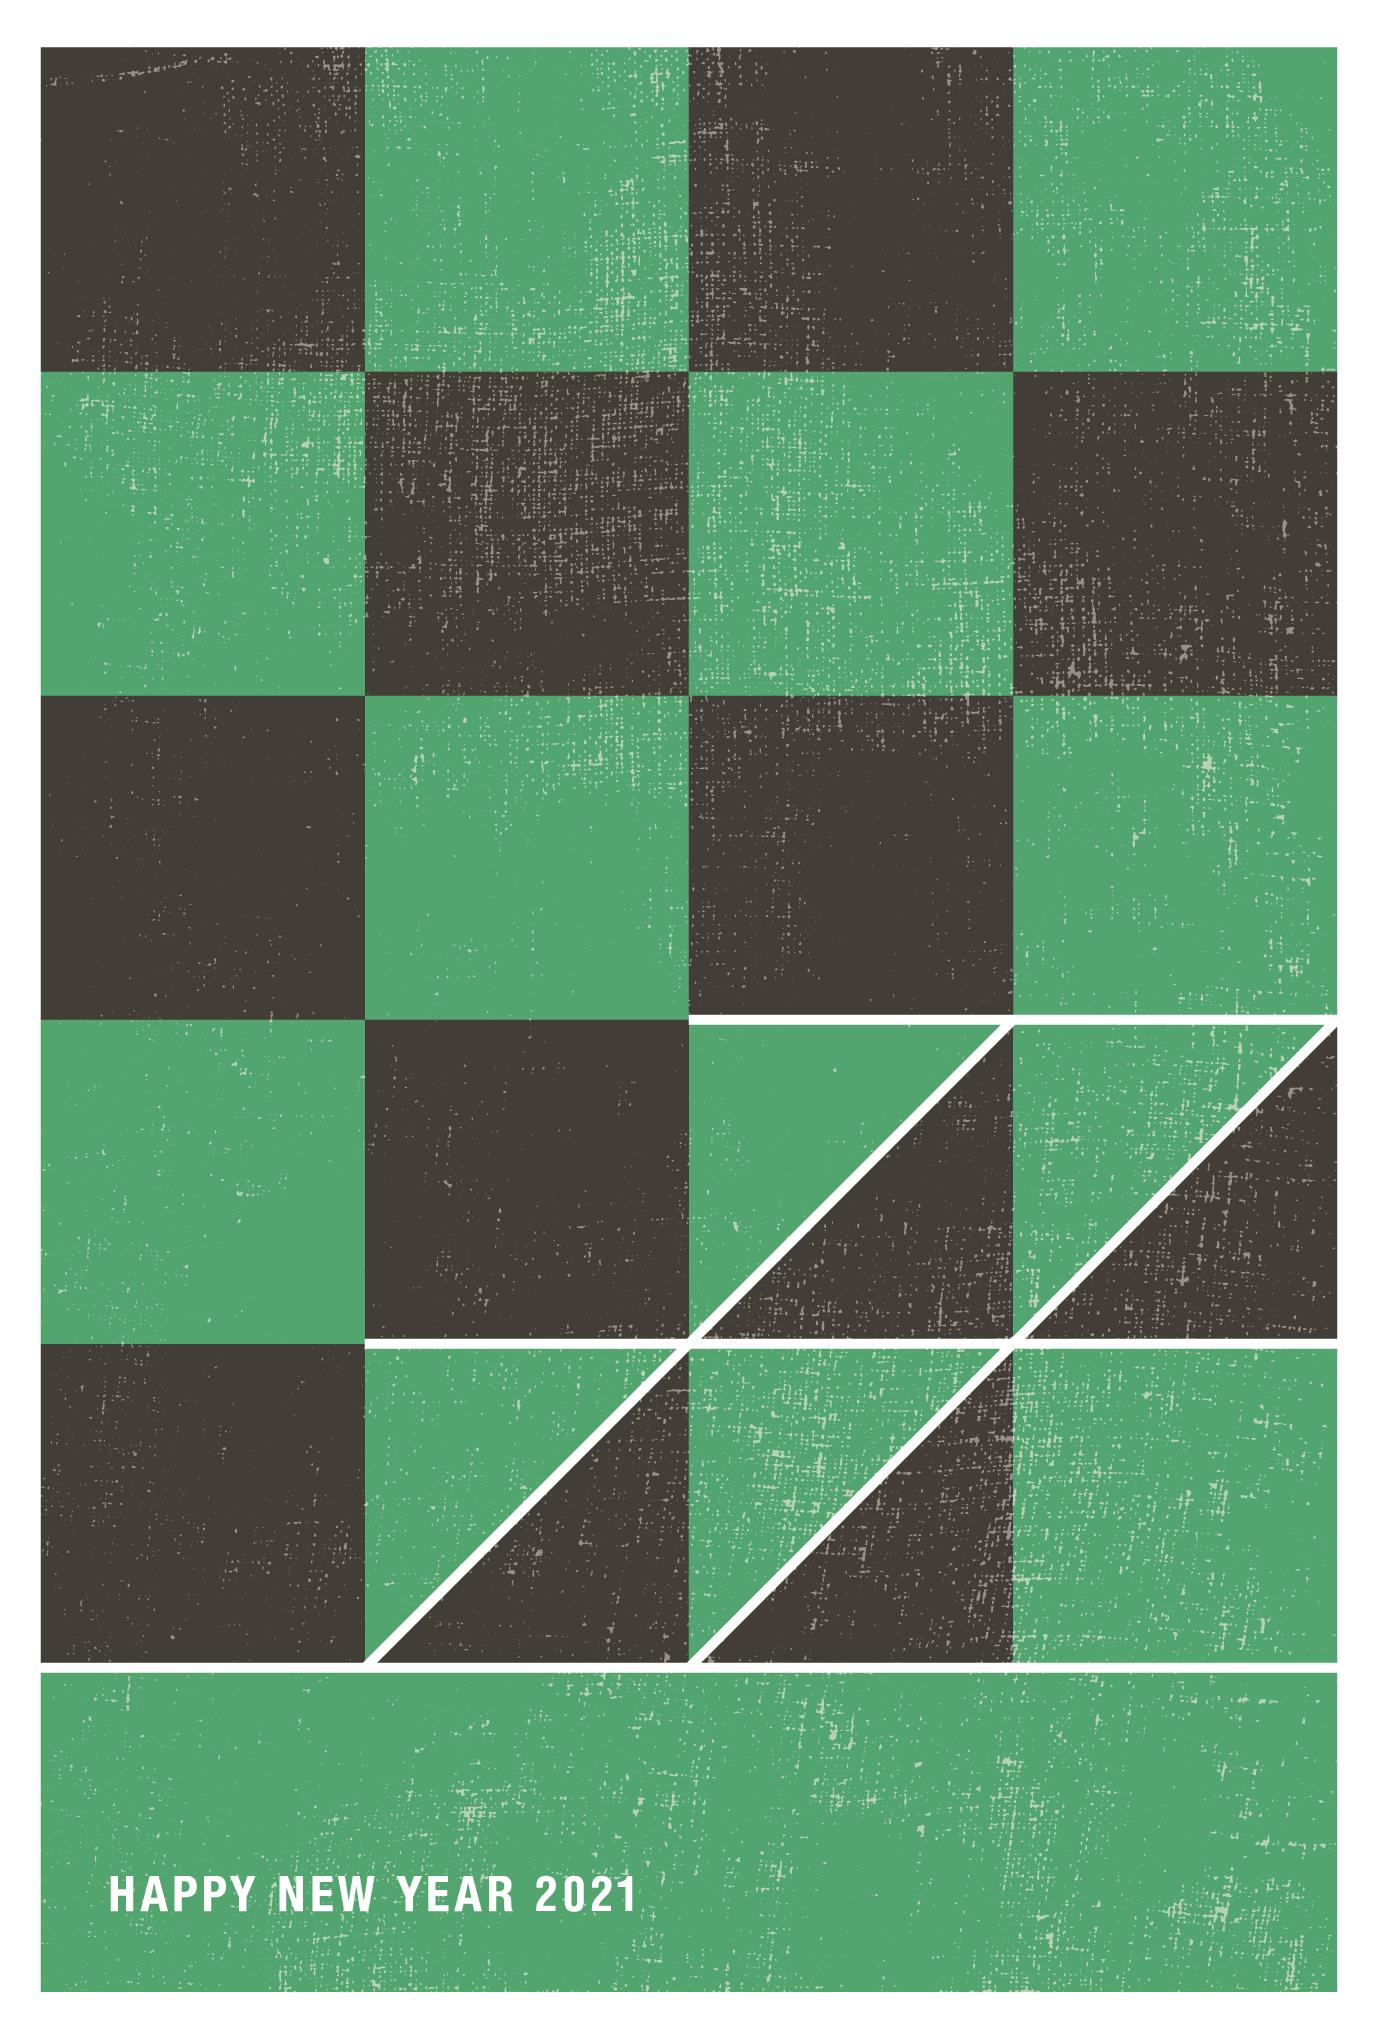 2021年賀状06-1:丑と市松模様 / 縦のダウンロード画像